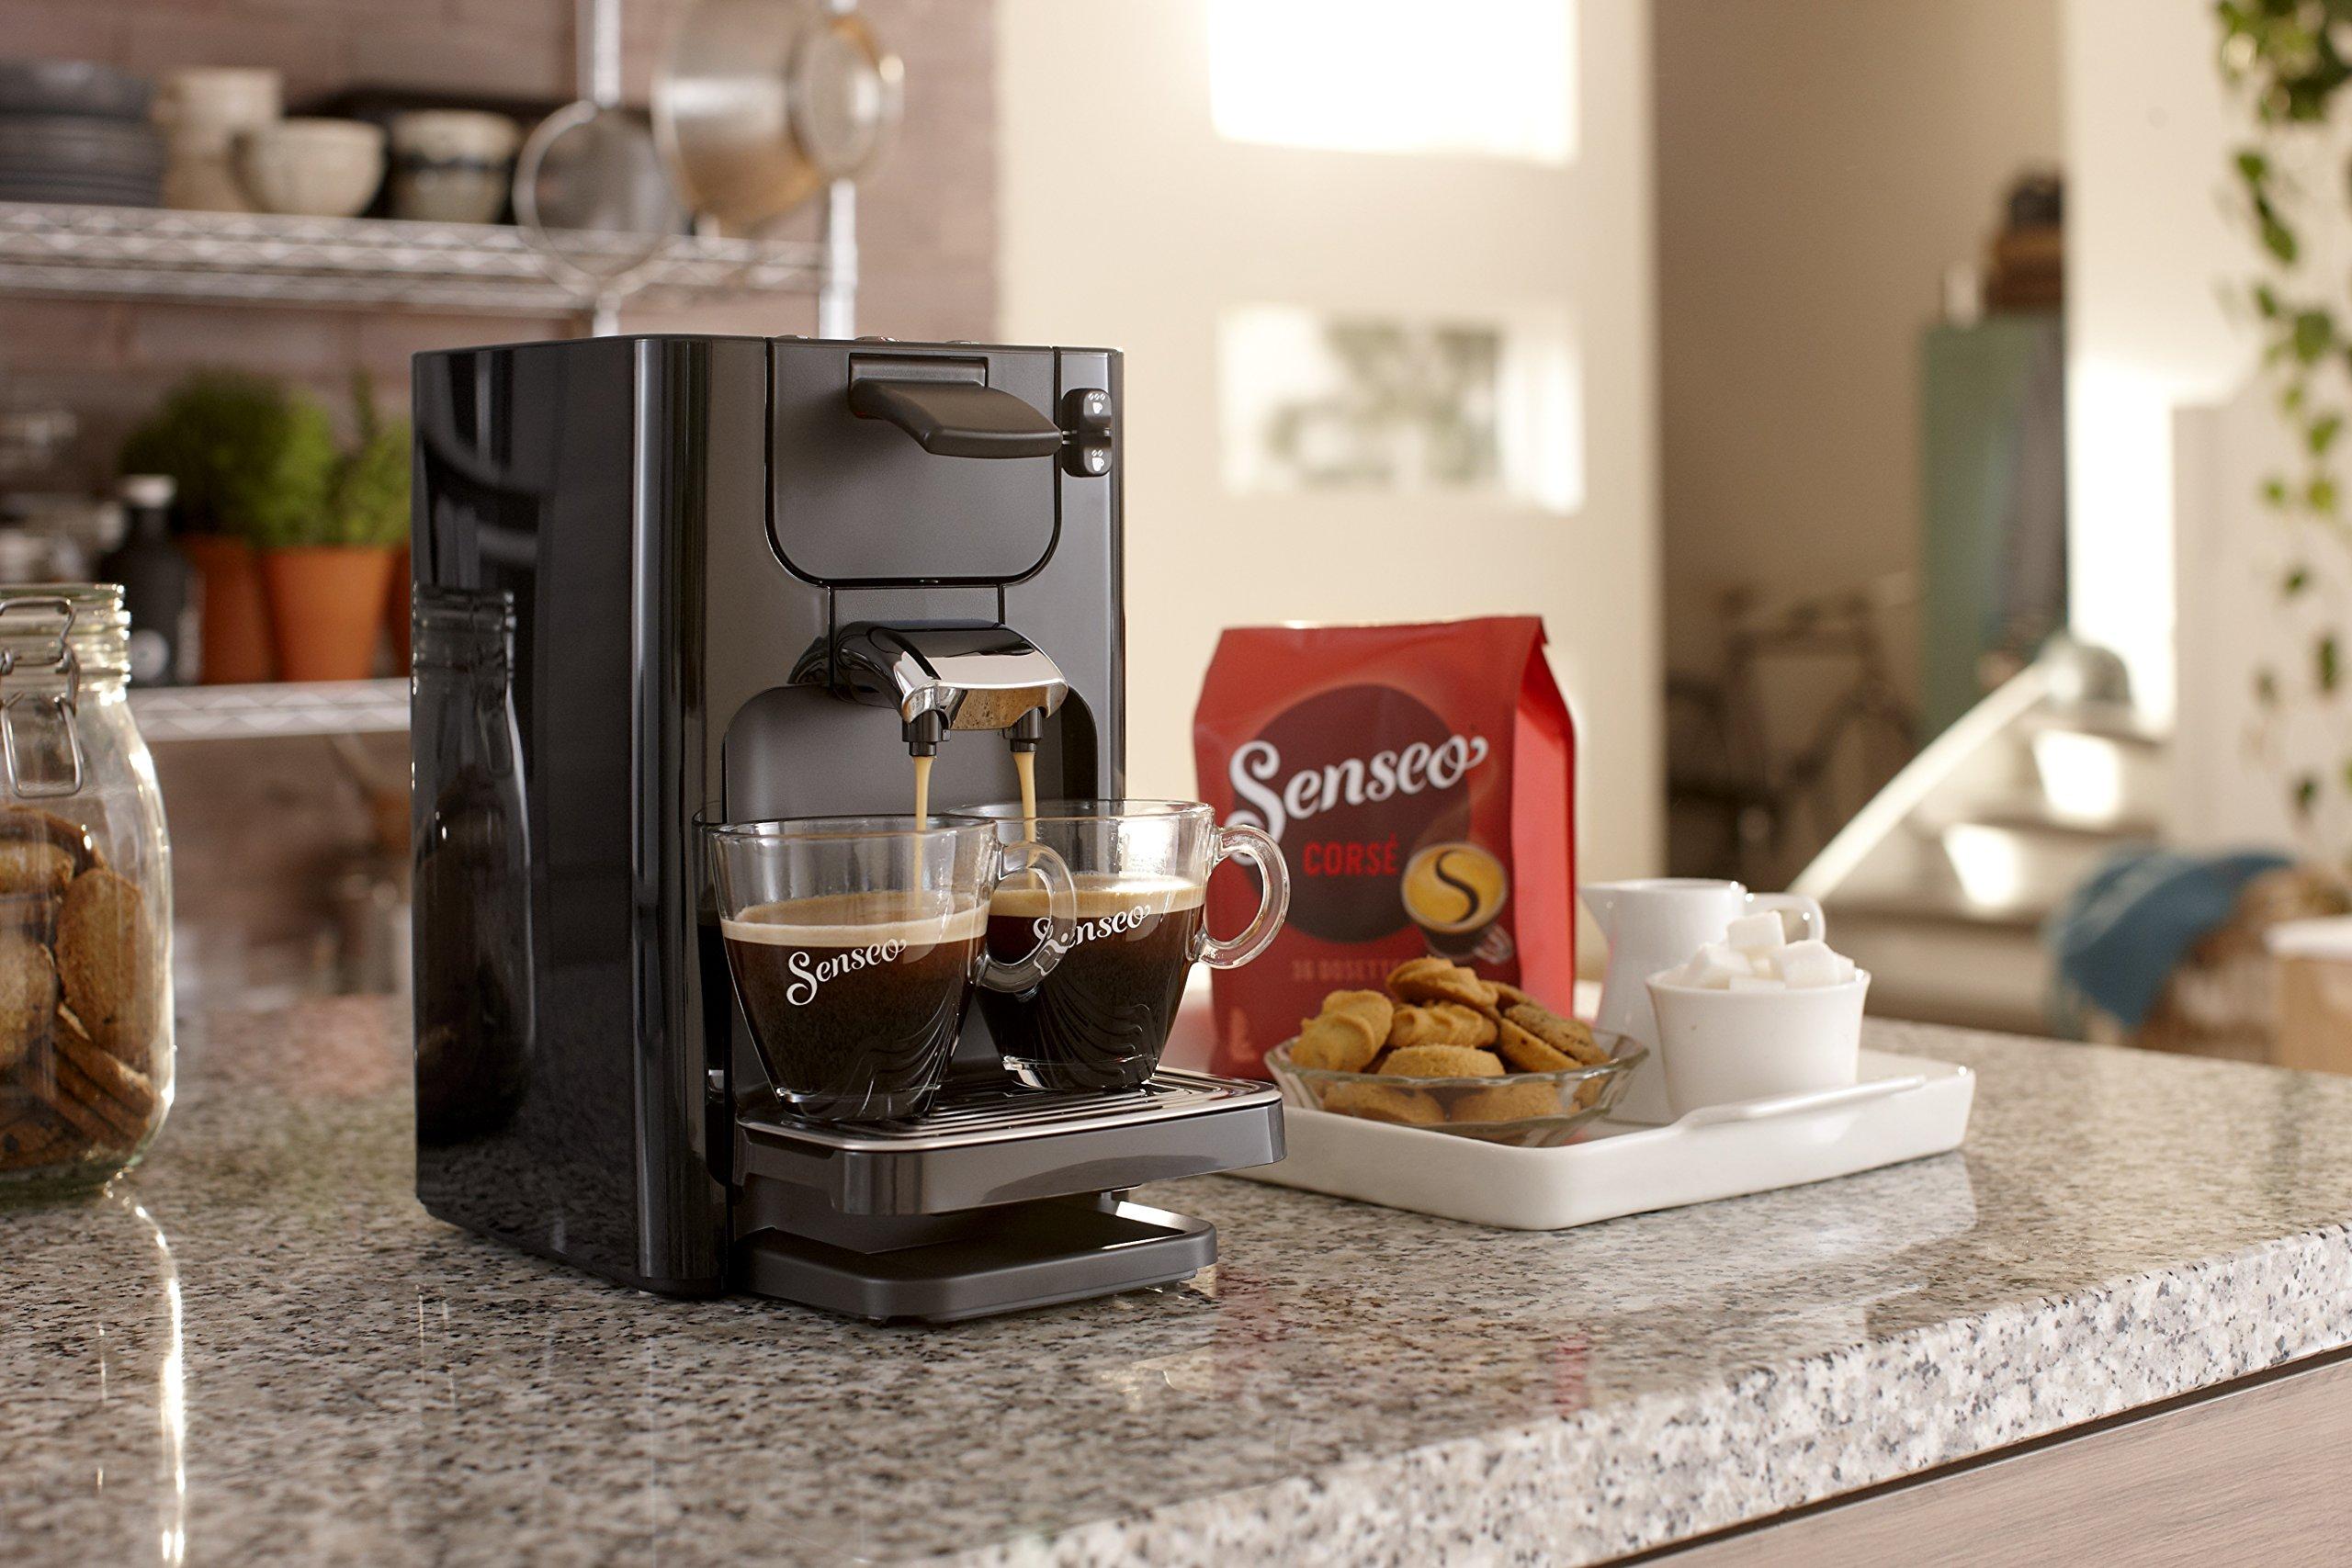 Senseo Quadrante HD7866/61 - Cafetera (Independiente, Máquina de café en cápsulas, 1,2 L, Dosis de café, 1450 W, Negro): Amazon.es: Hogar